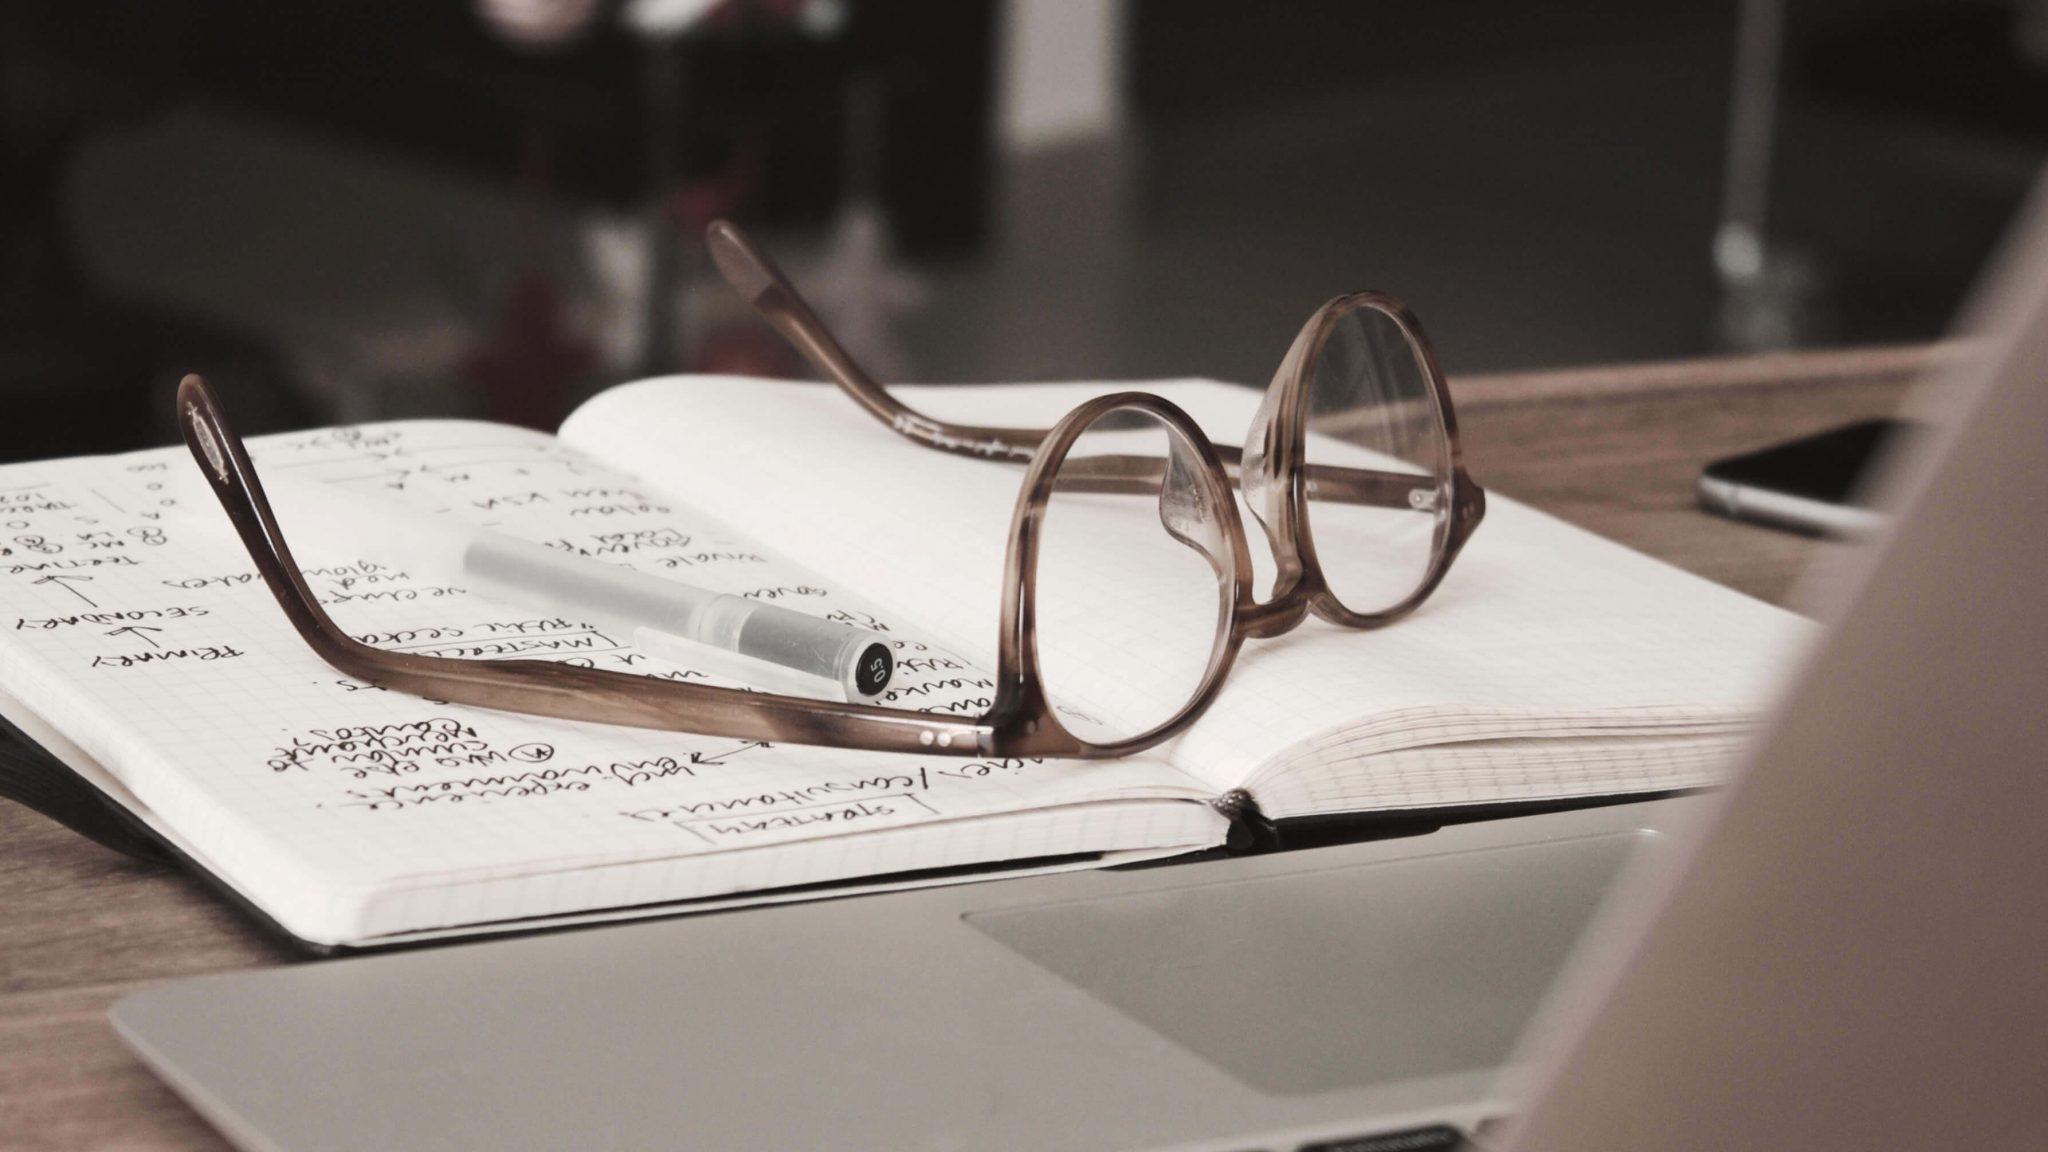 Die Brille eines Lektors liegt auf einem Buch